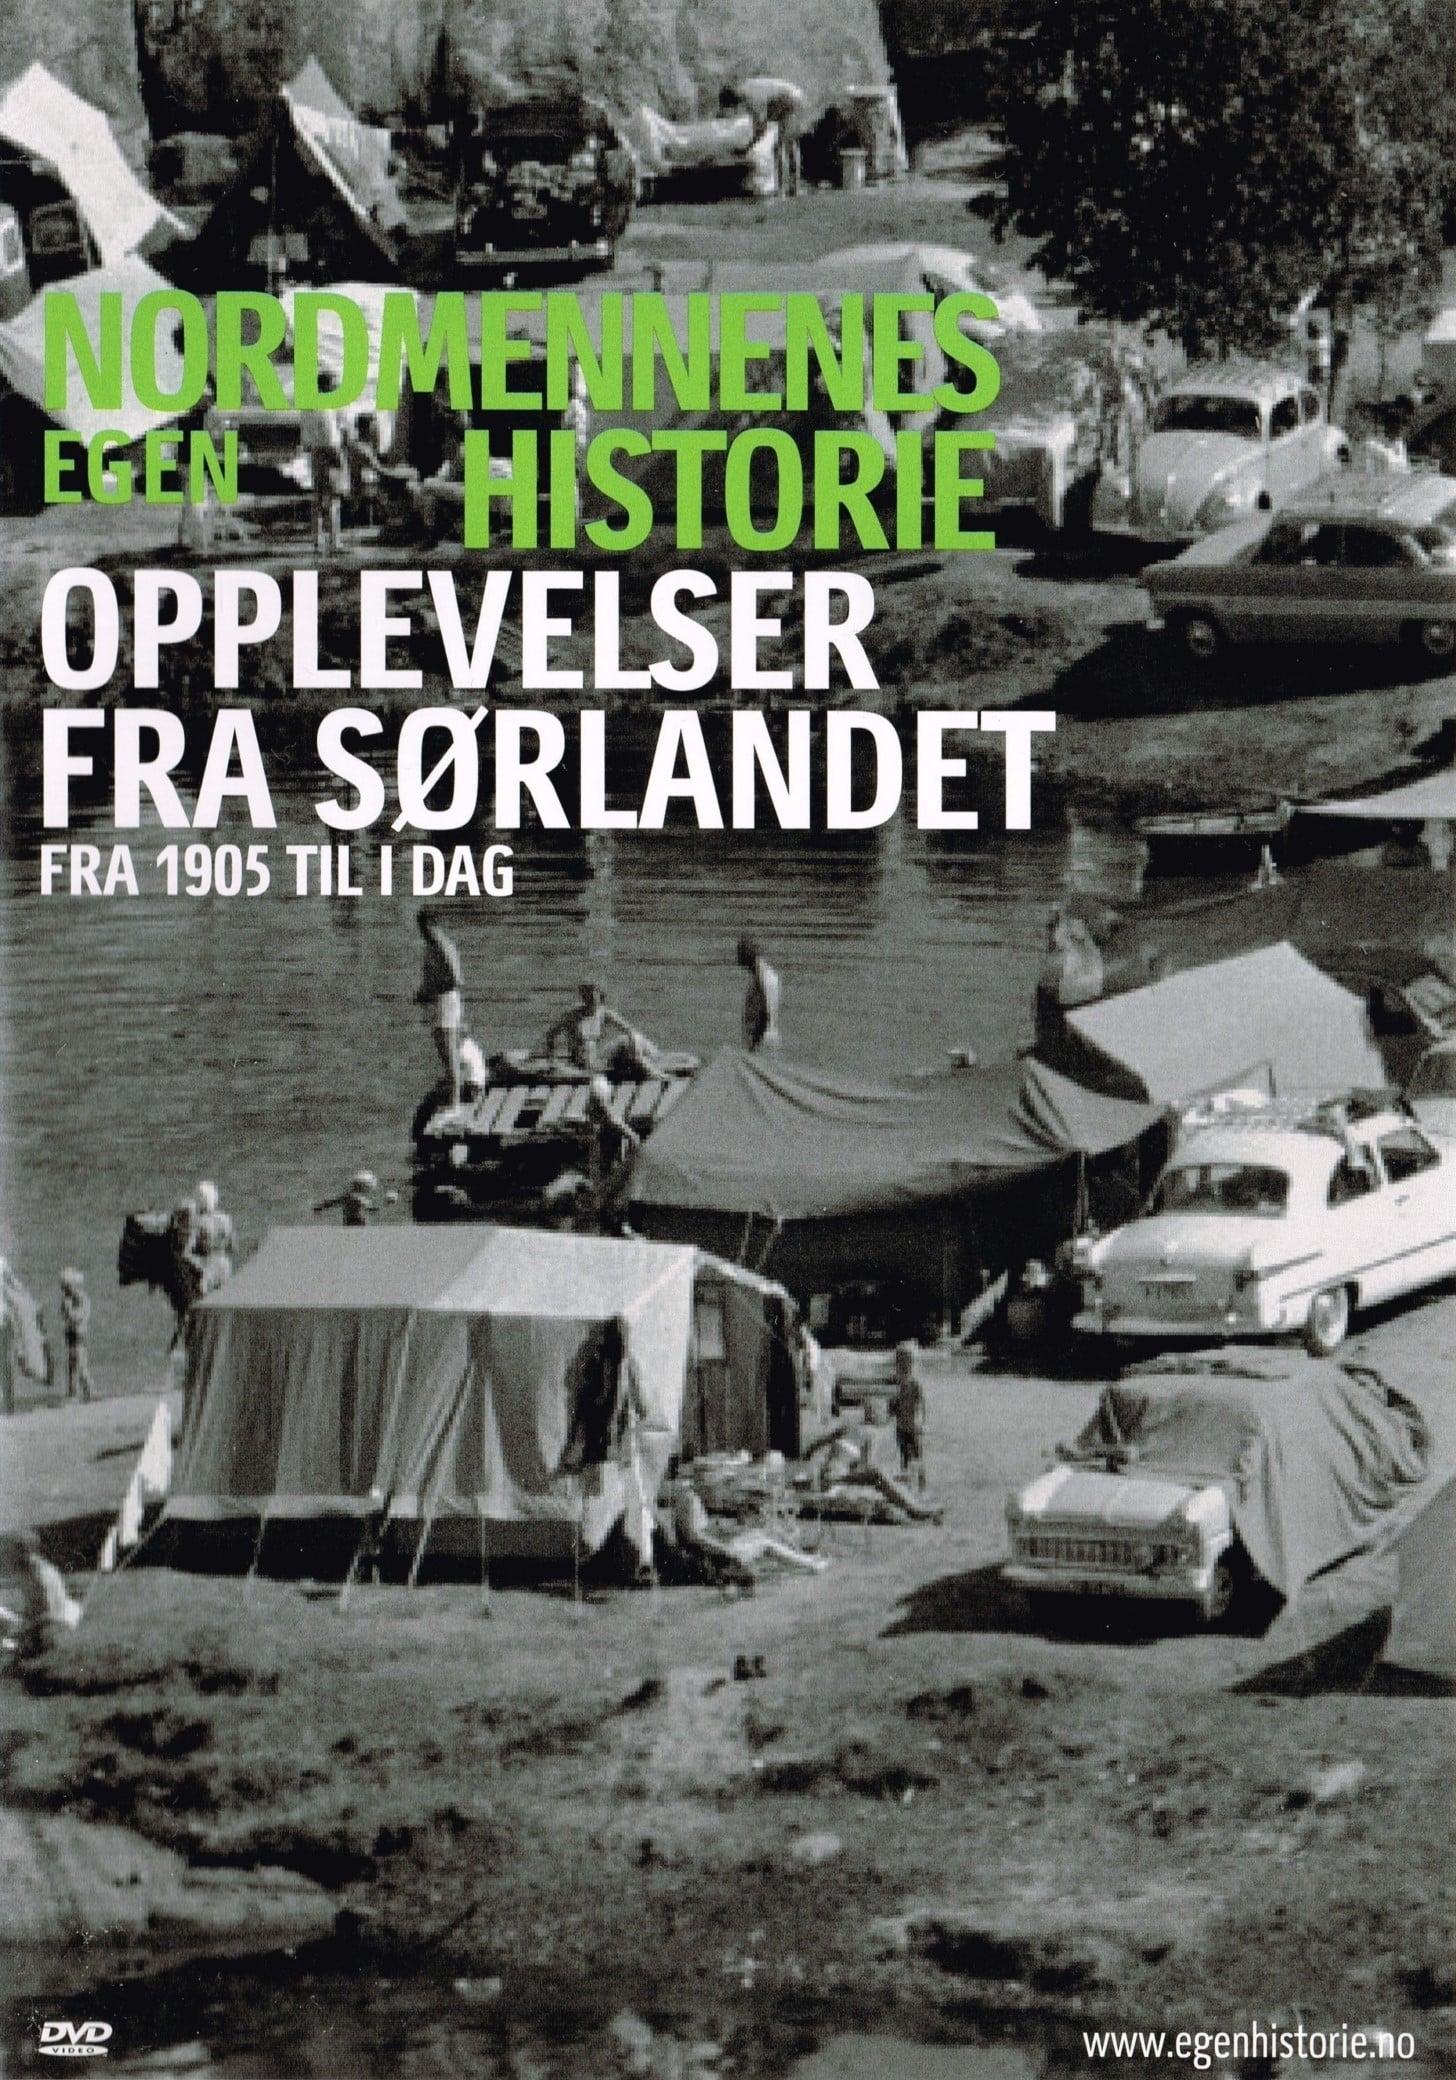 Nordmennenes Egen Historie - Opplevelser fra sørlandet